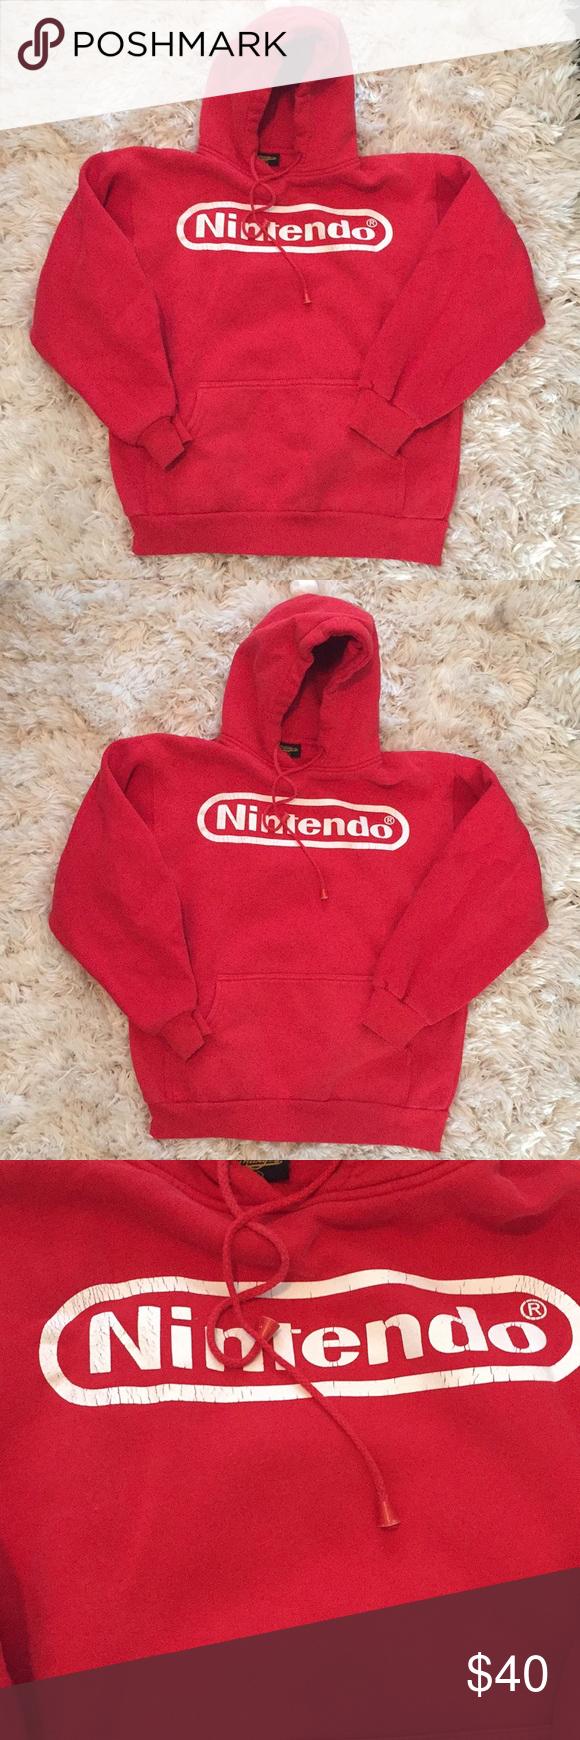 Vintage Nintendo Hoodie Hoodies Nintendo Shirt Sweatshirts [ 1740 x 580 Pixel ]